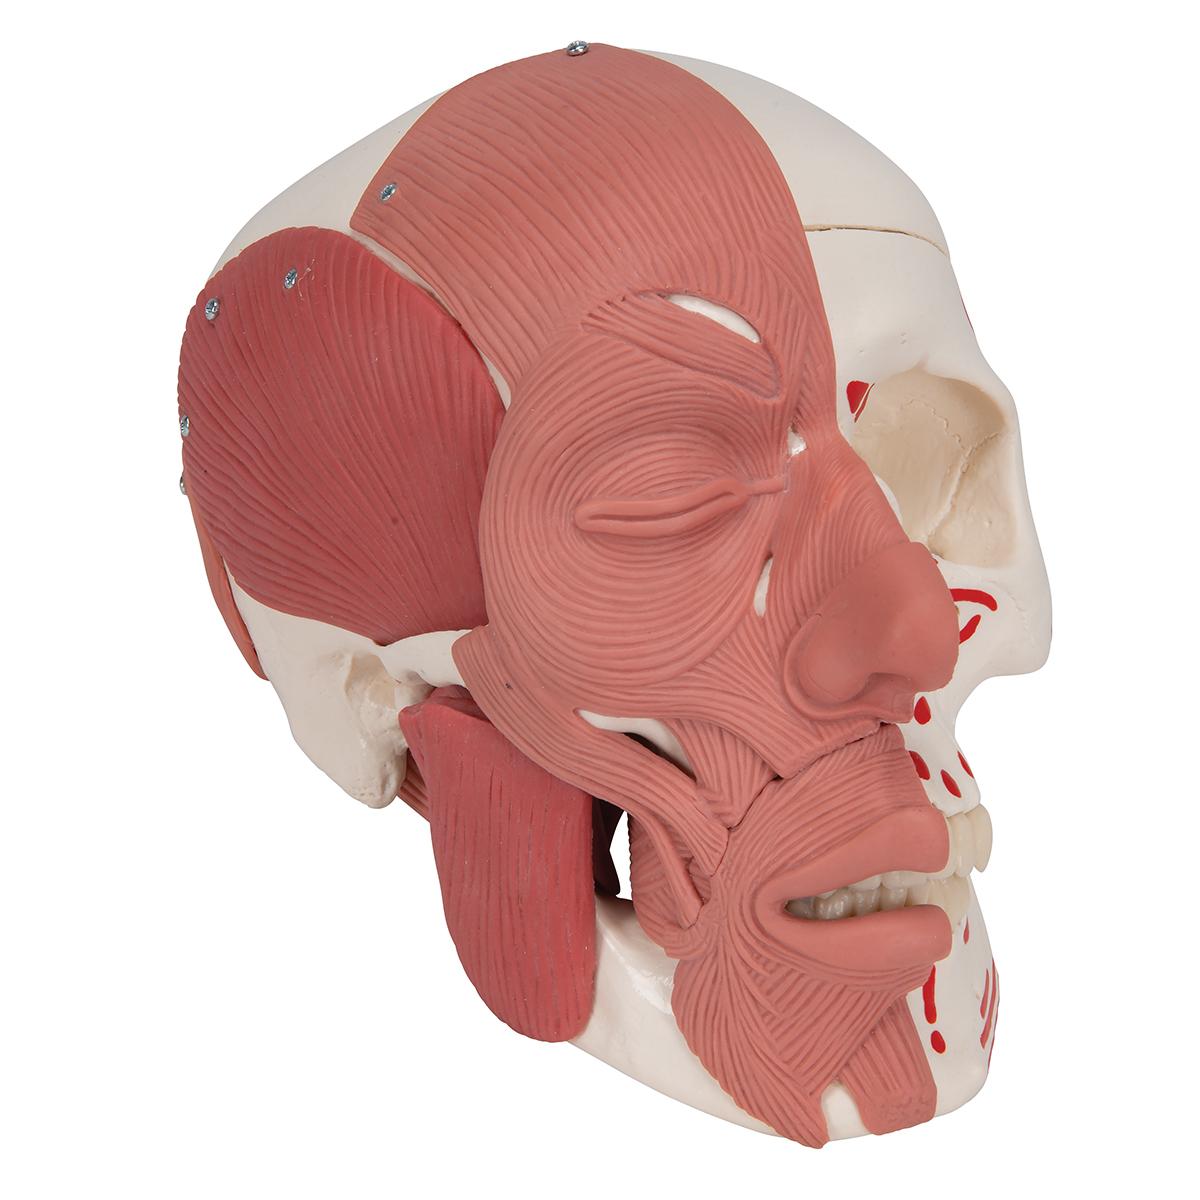 Schädel mit Gesichtsmuskulatur - 1020181 - 3B Scientific - A300 ...